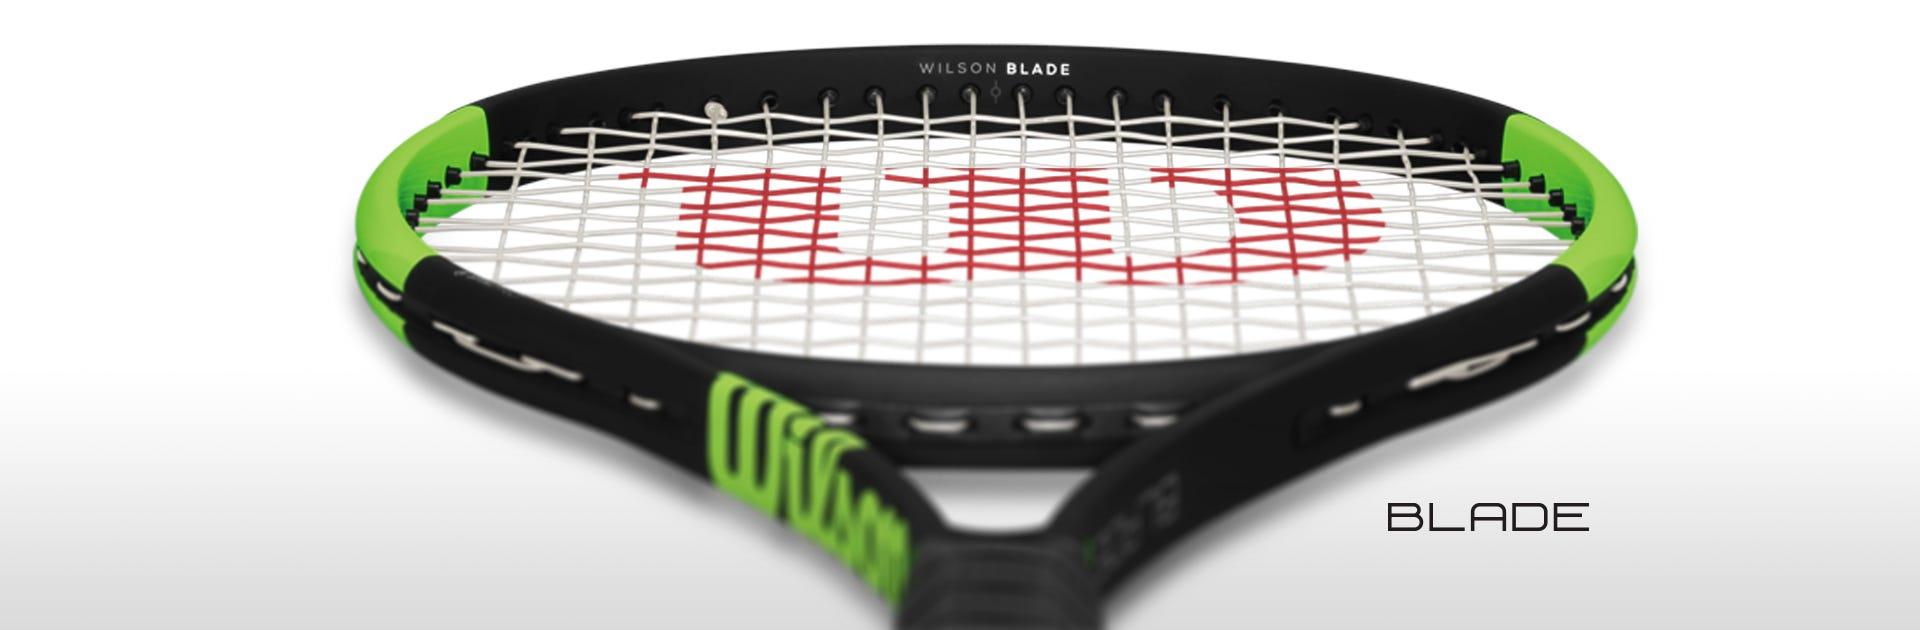 Blade Tennisschläger | Wilson Sporting Goods